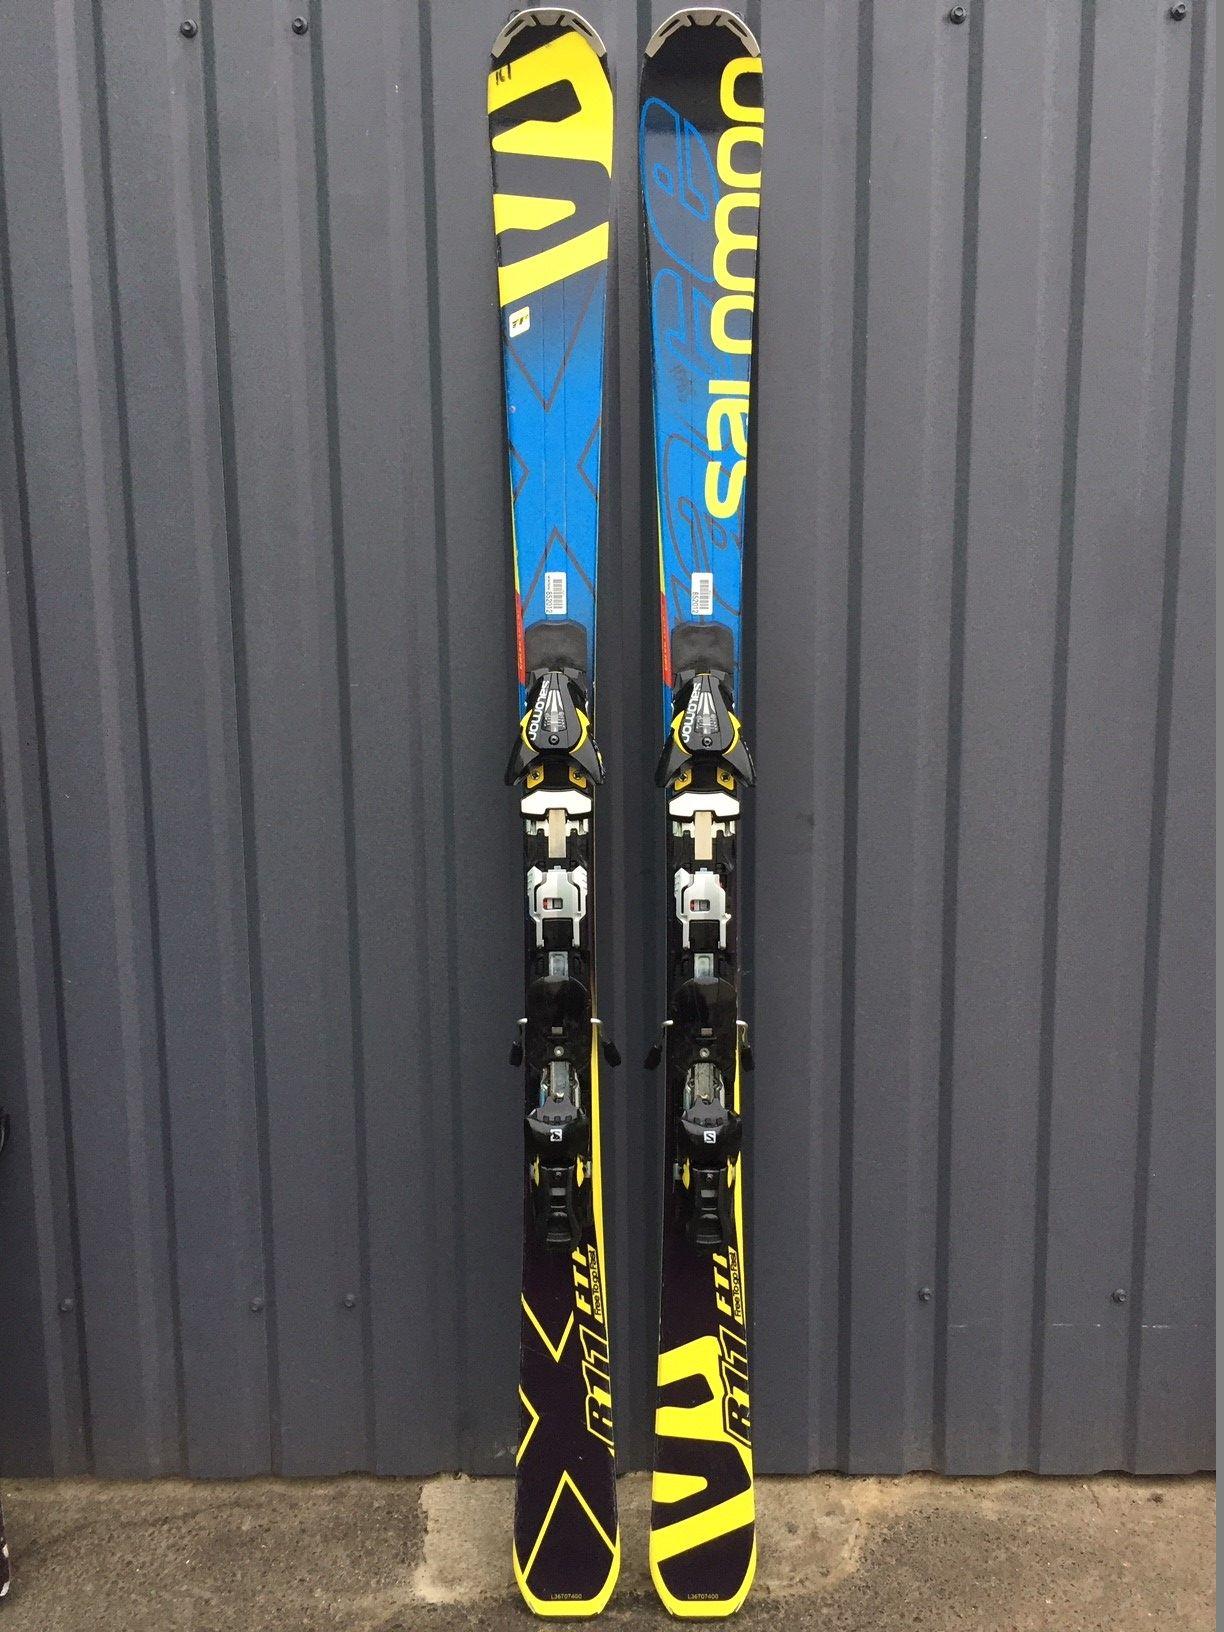 a1f1d9ea5319 Лыжи б у Salomon X-Race 155 cm ,цена, купить Лыжи б у Salomon X-Race 155  cm, продажа, описание, с ...